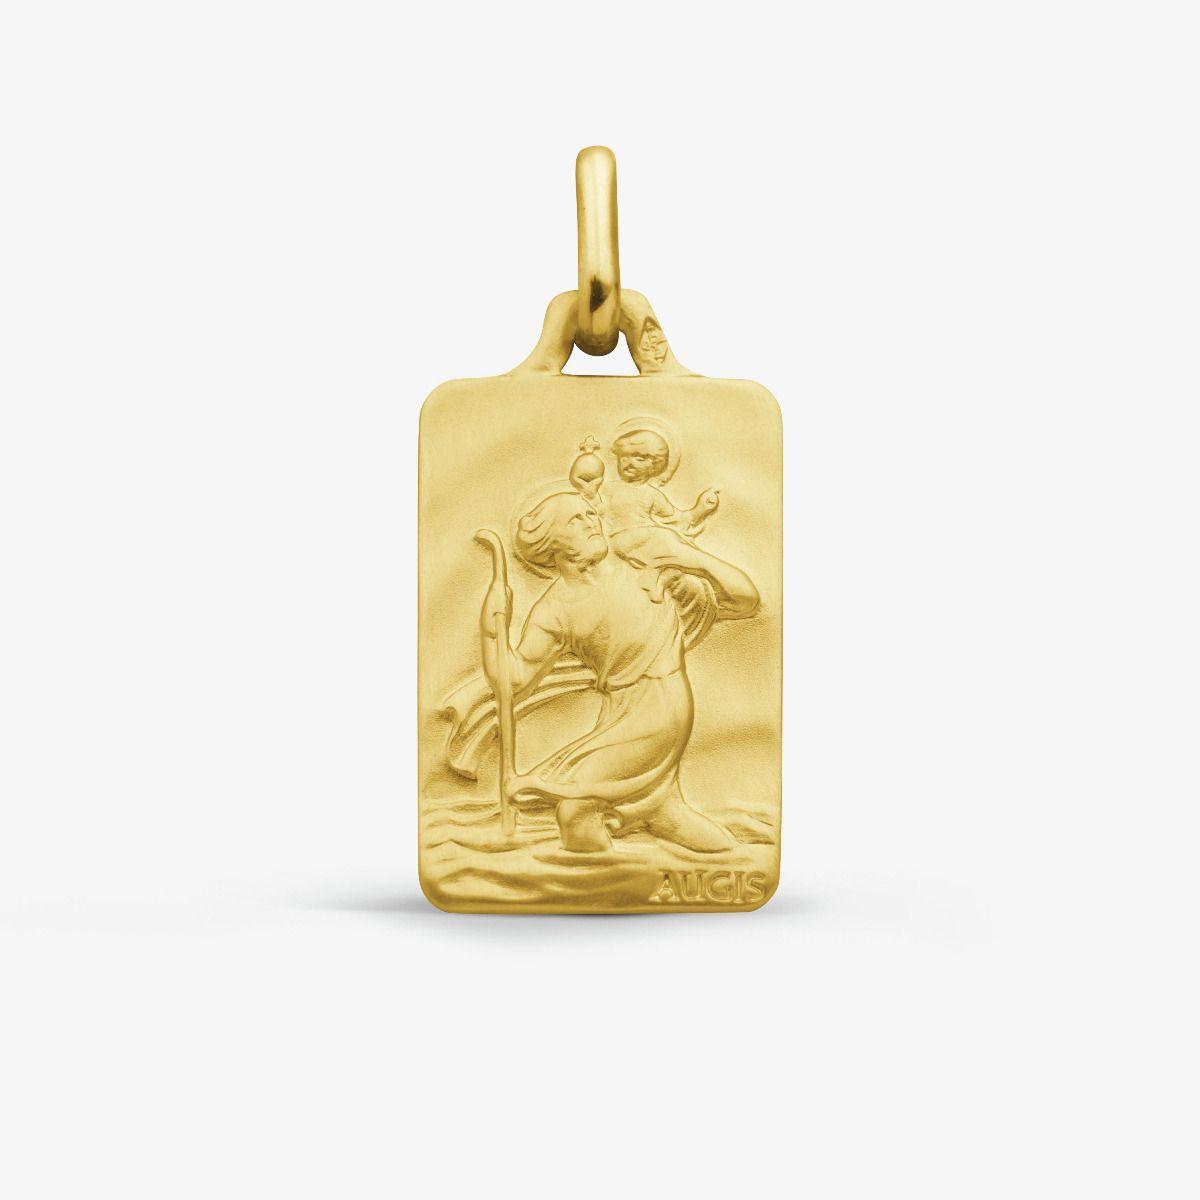 Médaille Saint Christophe Or Jaune 18 carats - 20 mm